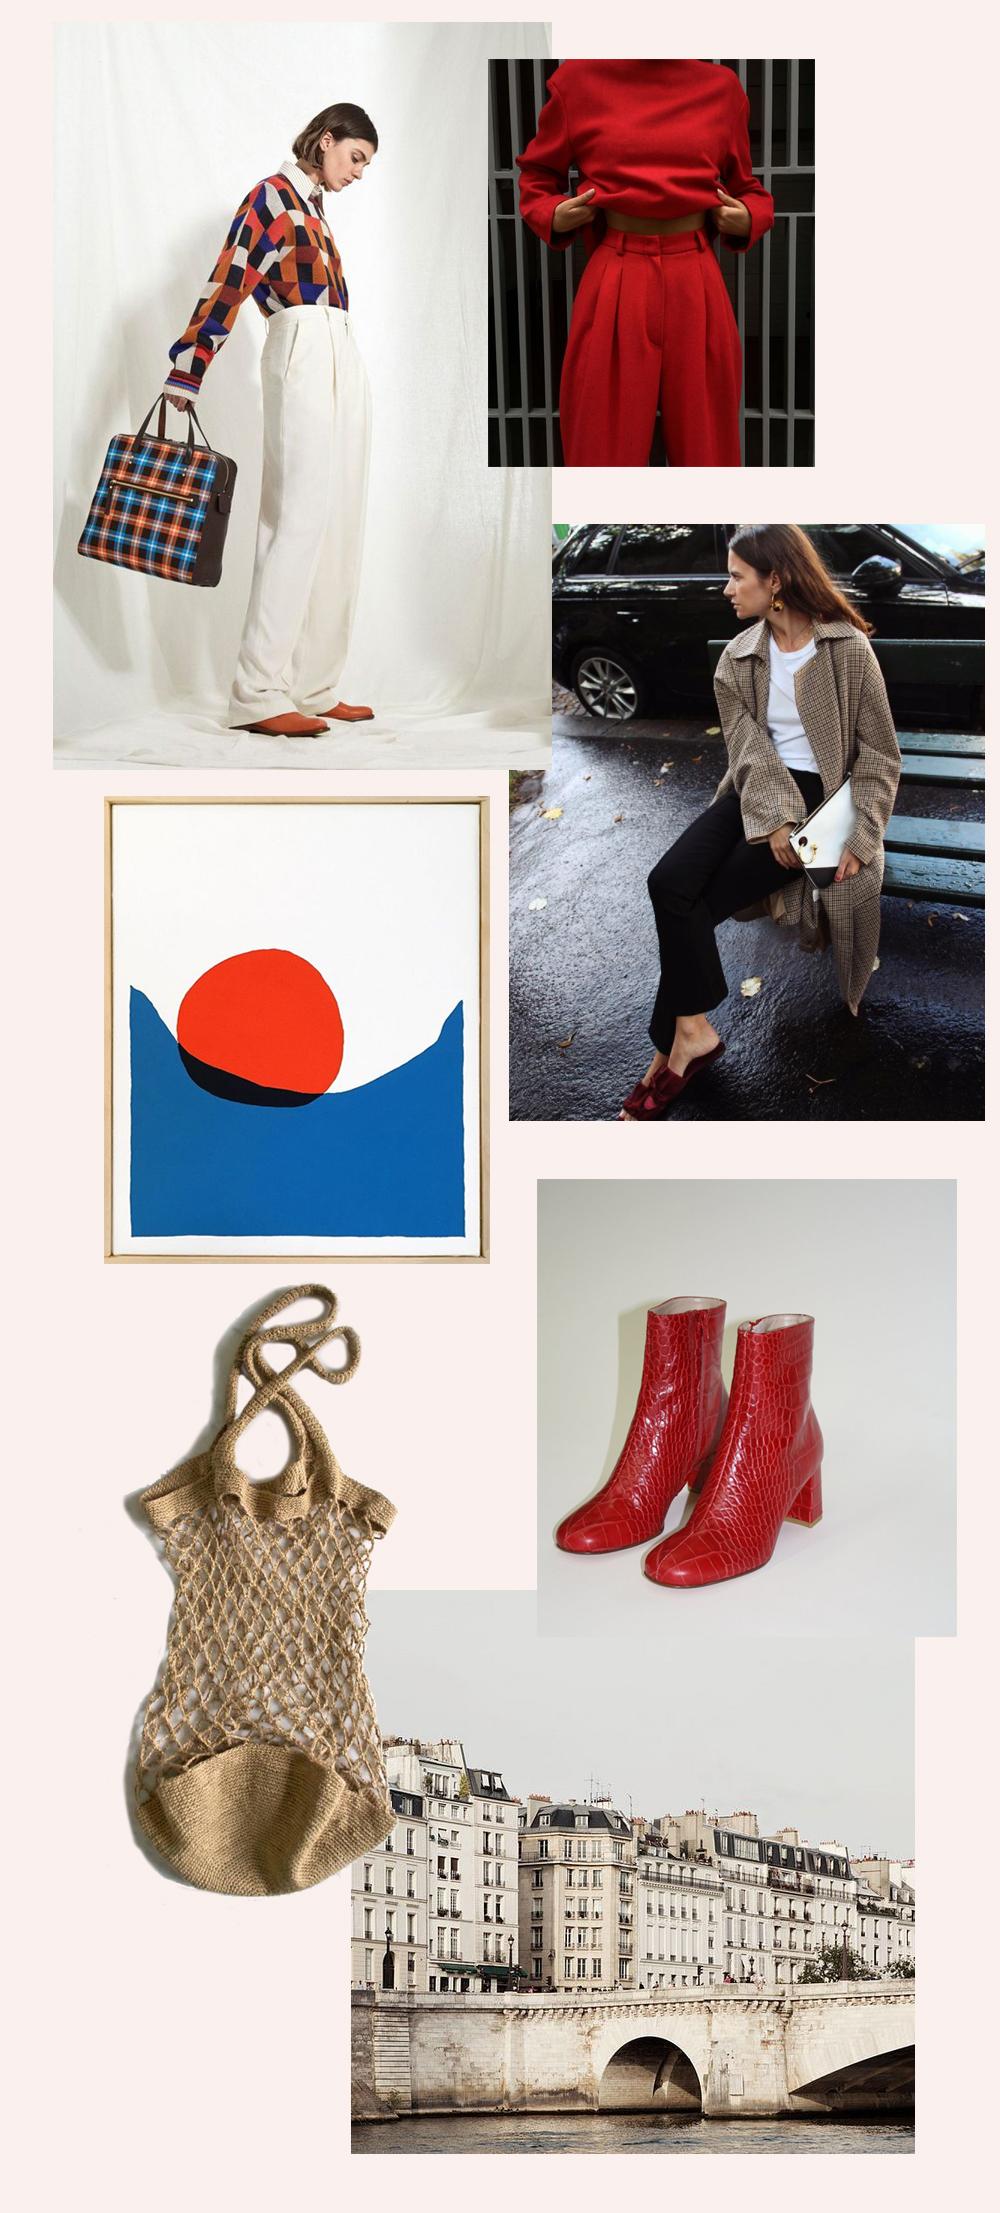 1. Joseph Resort in   Vogue  , 2.   @polozova  , 3. Paul Kremer, Float 5, 4.   @lifeofboheme  , 5.   Lisa says gah   , 6.   The WHOot   , 7.   Irene Suchocki